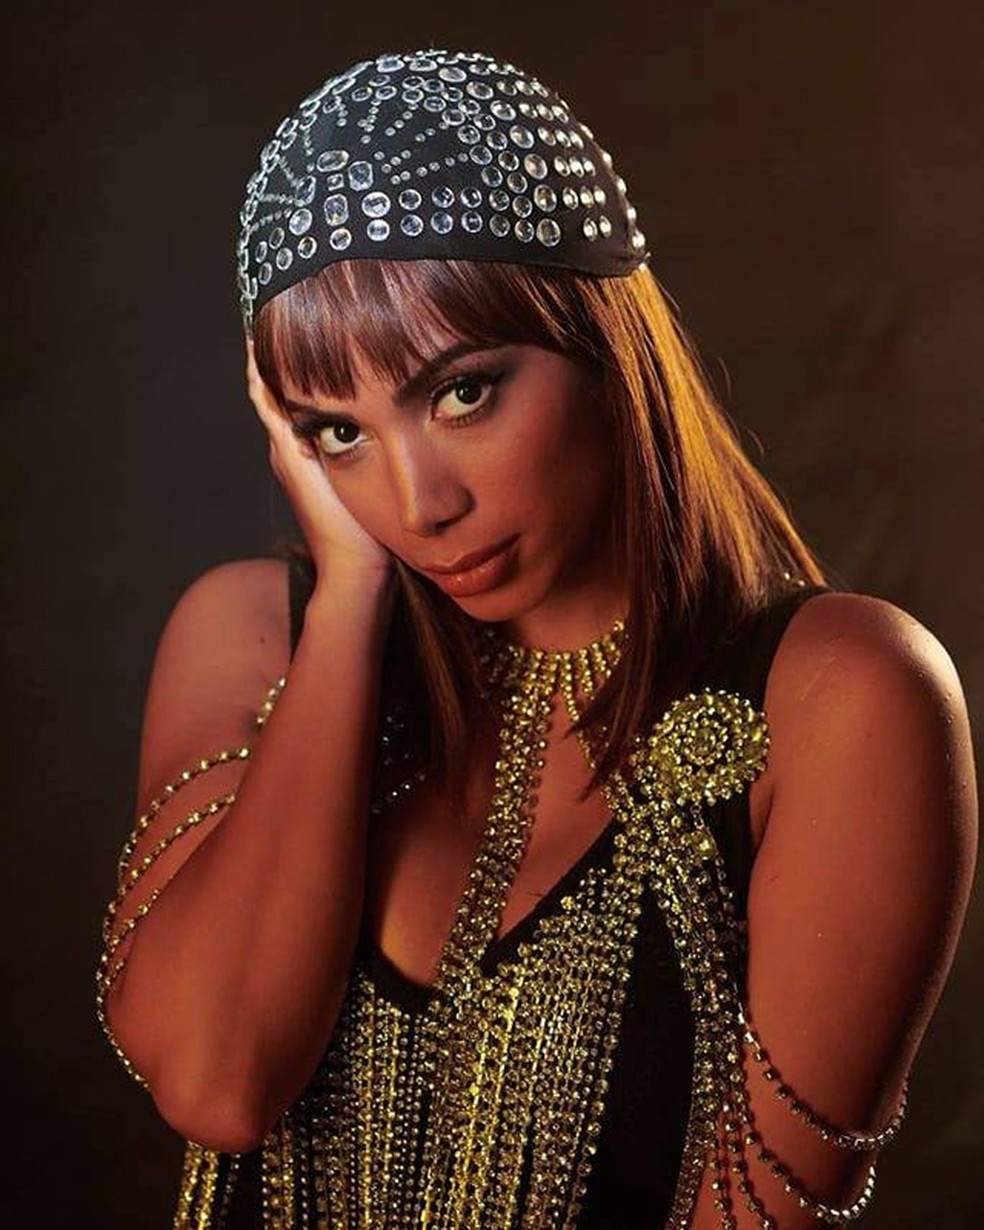 Anitta em uma das imagens adotadas pela cantora para divulgar o álbum 'Kisses' — Foto: Gui Paganini / Reprodução Facebook Anitta